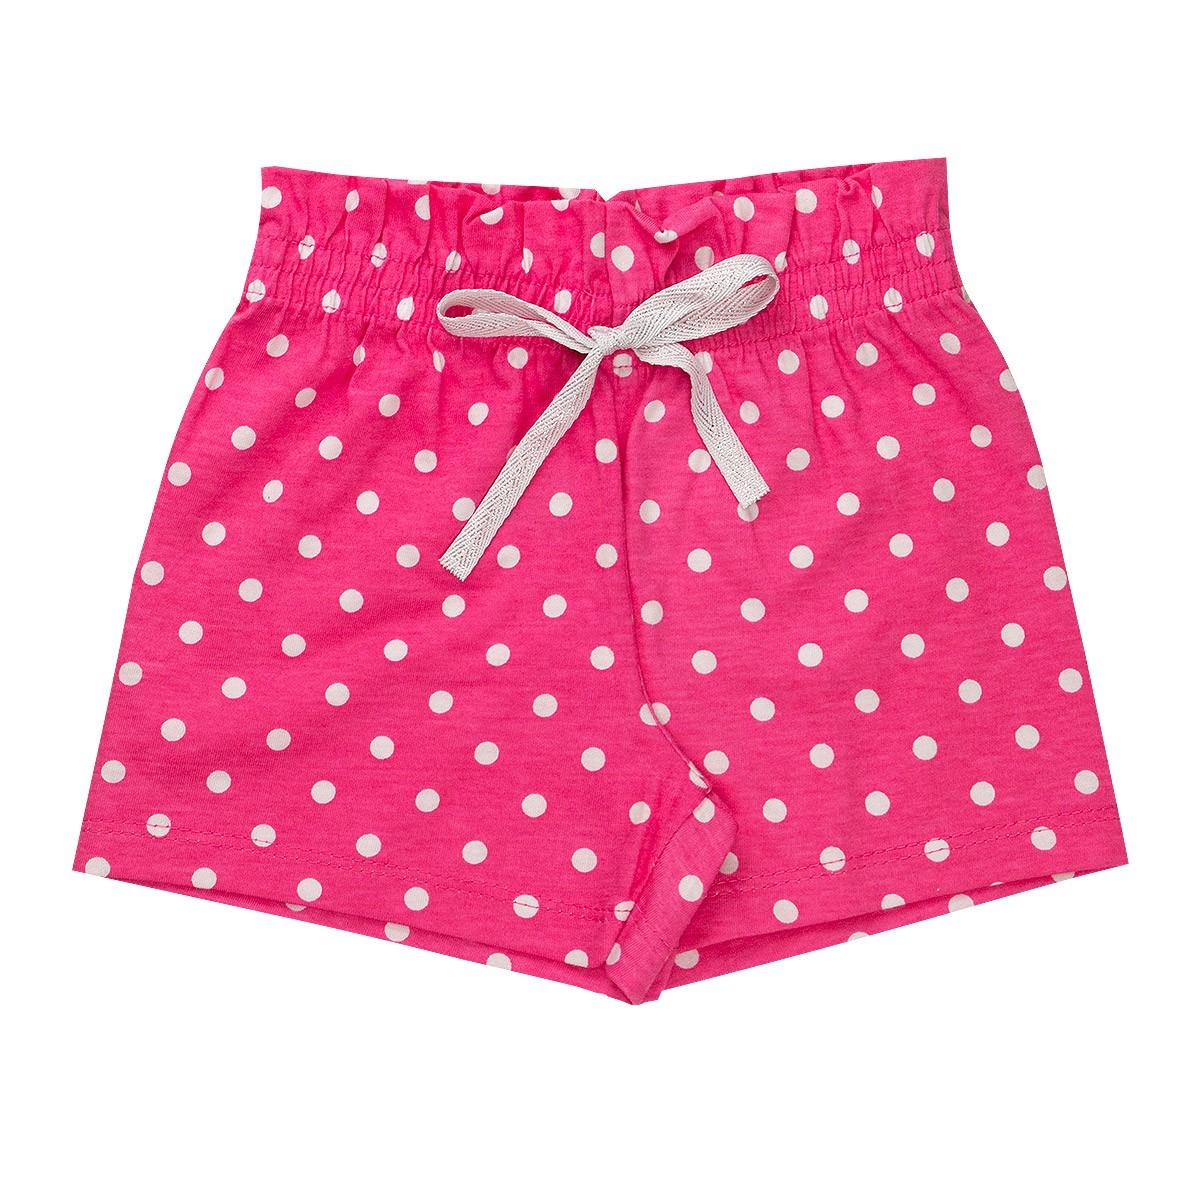 Shorts Fru - Fru Estampado Infantil Menina Rosa - Fantoni